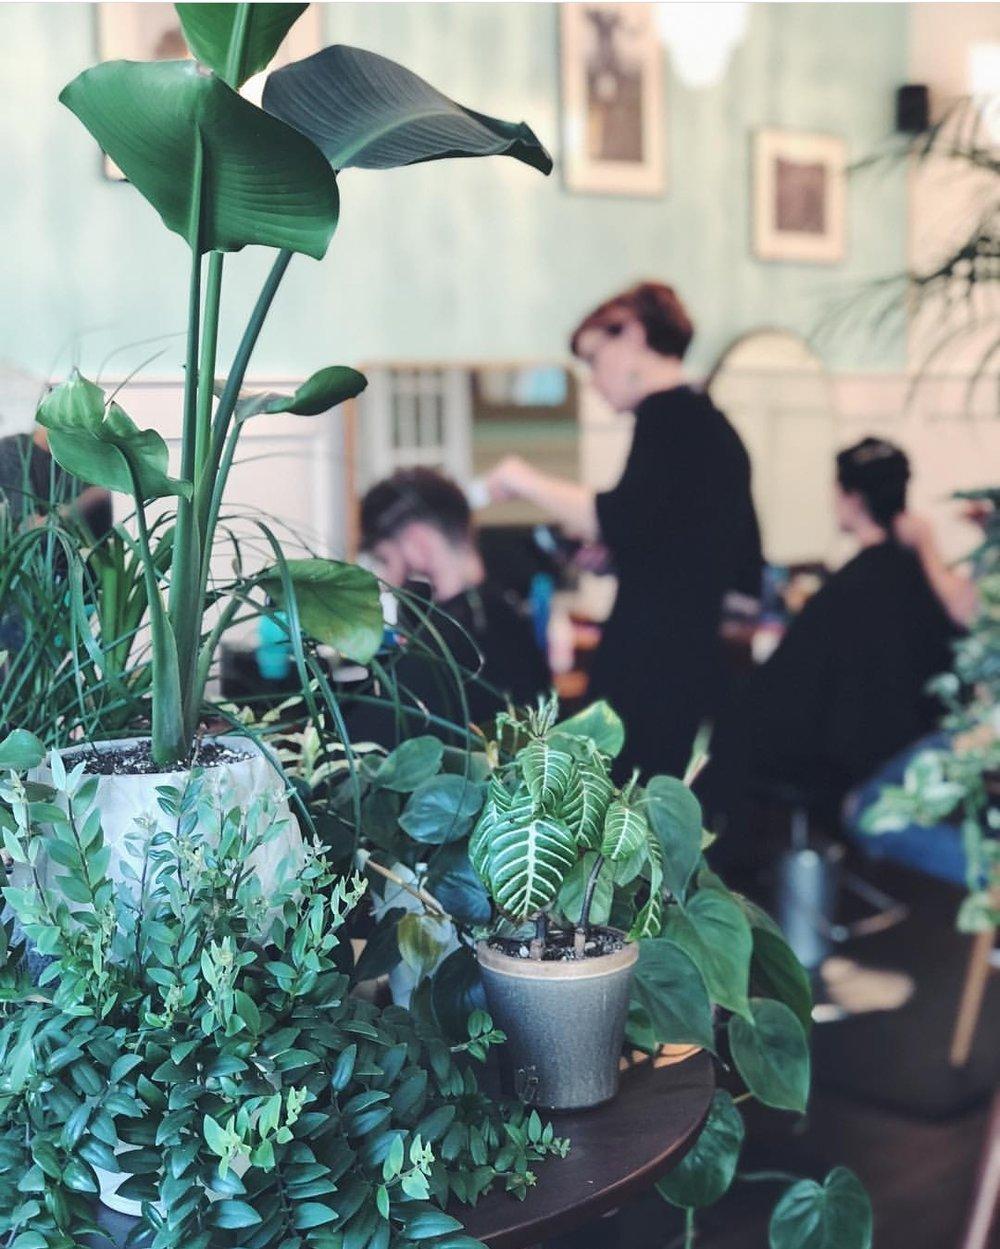 Plants on a table in a hair salon.